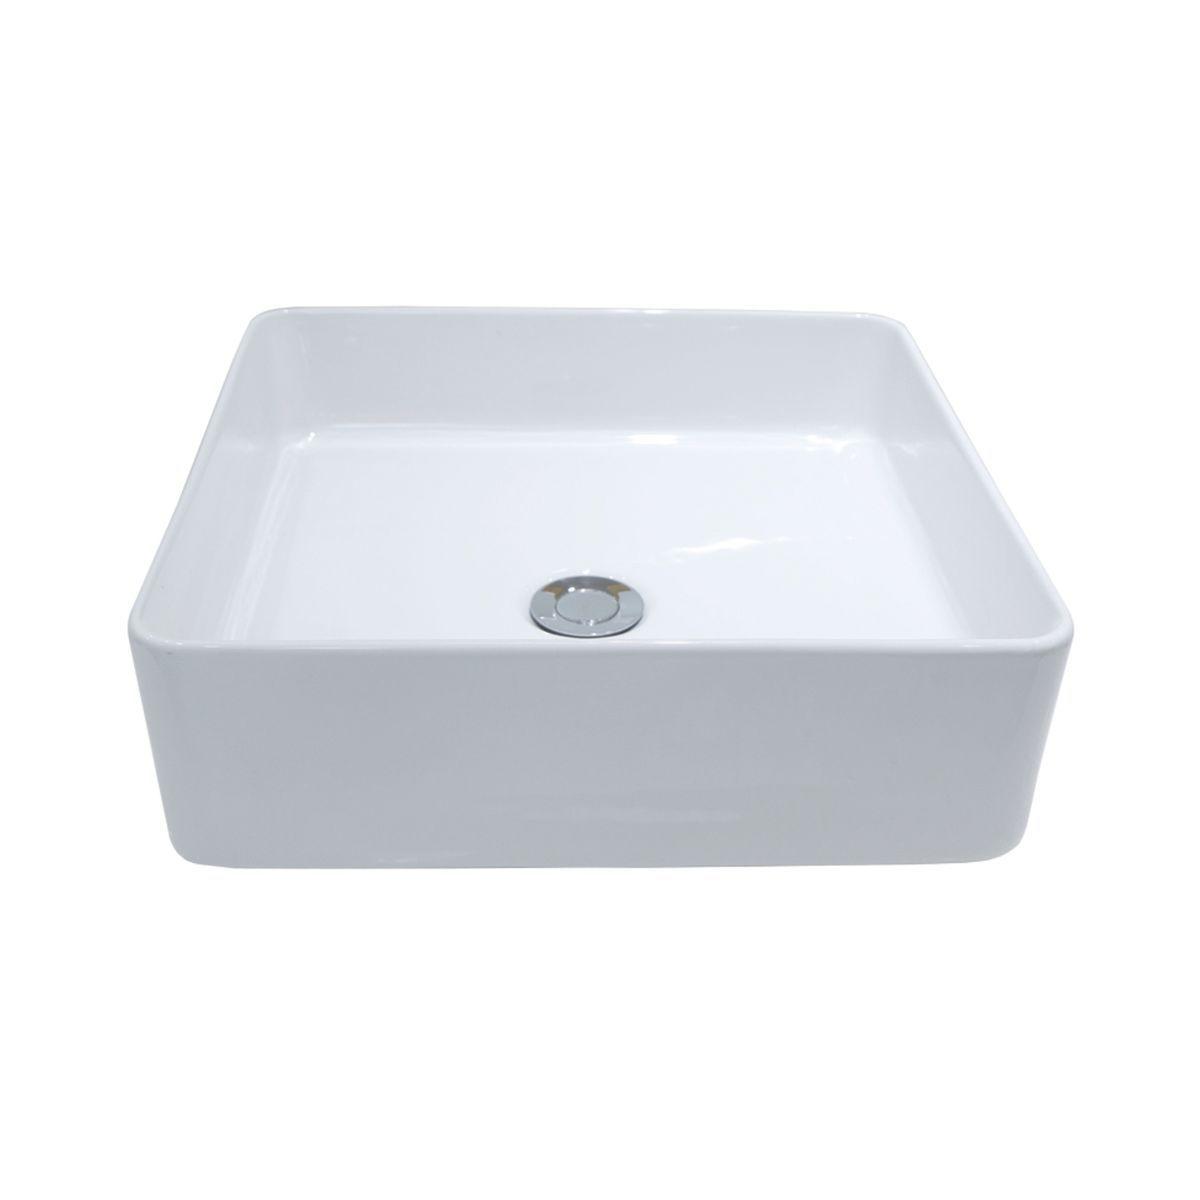 Lavabo da appoggio Eolian bianco | lavanderia | Arredamento ...